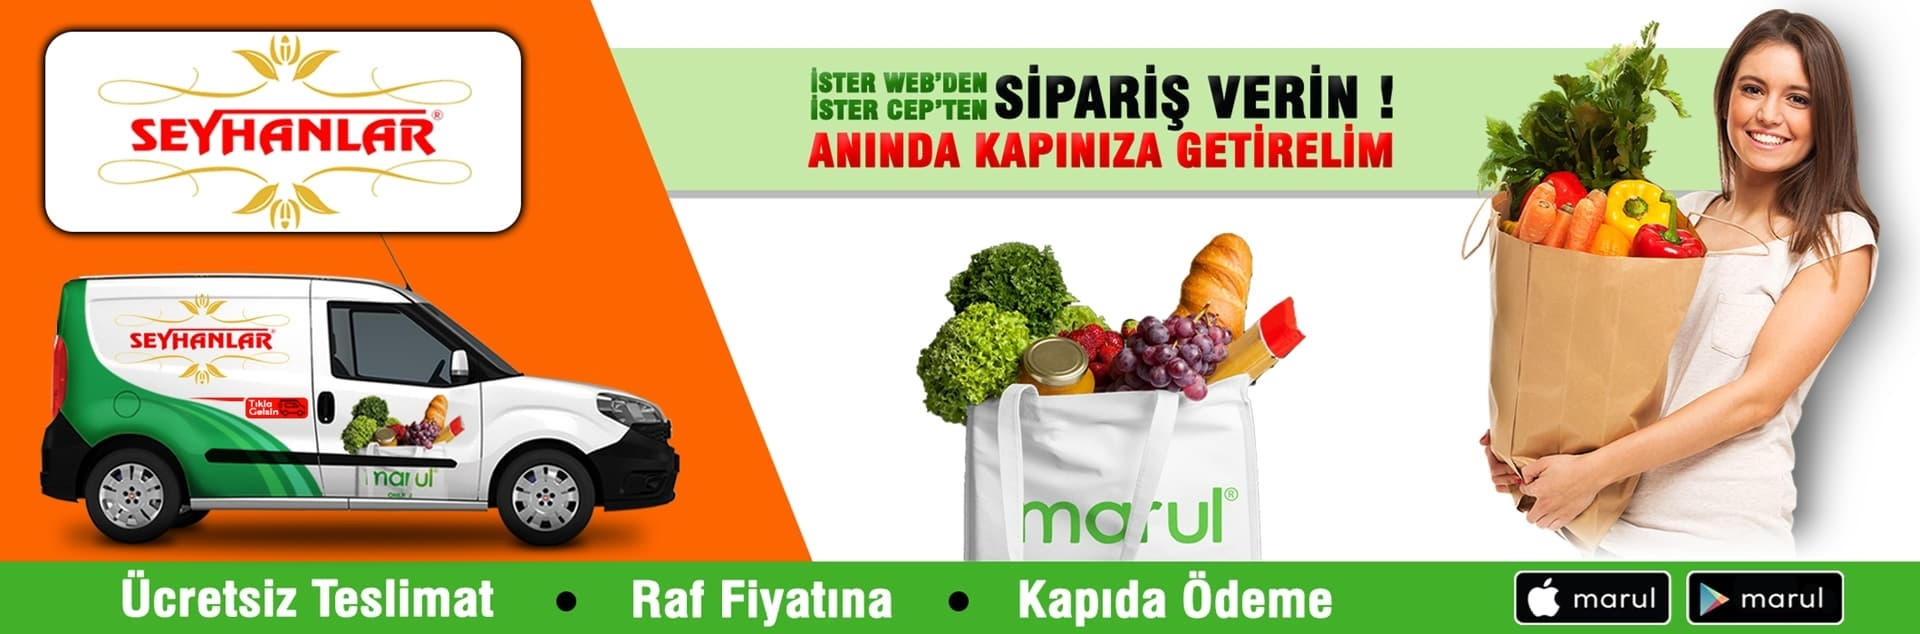 seyhanlar market online market siparişi kavacık şubesi